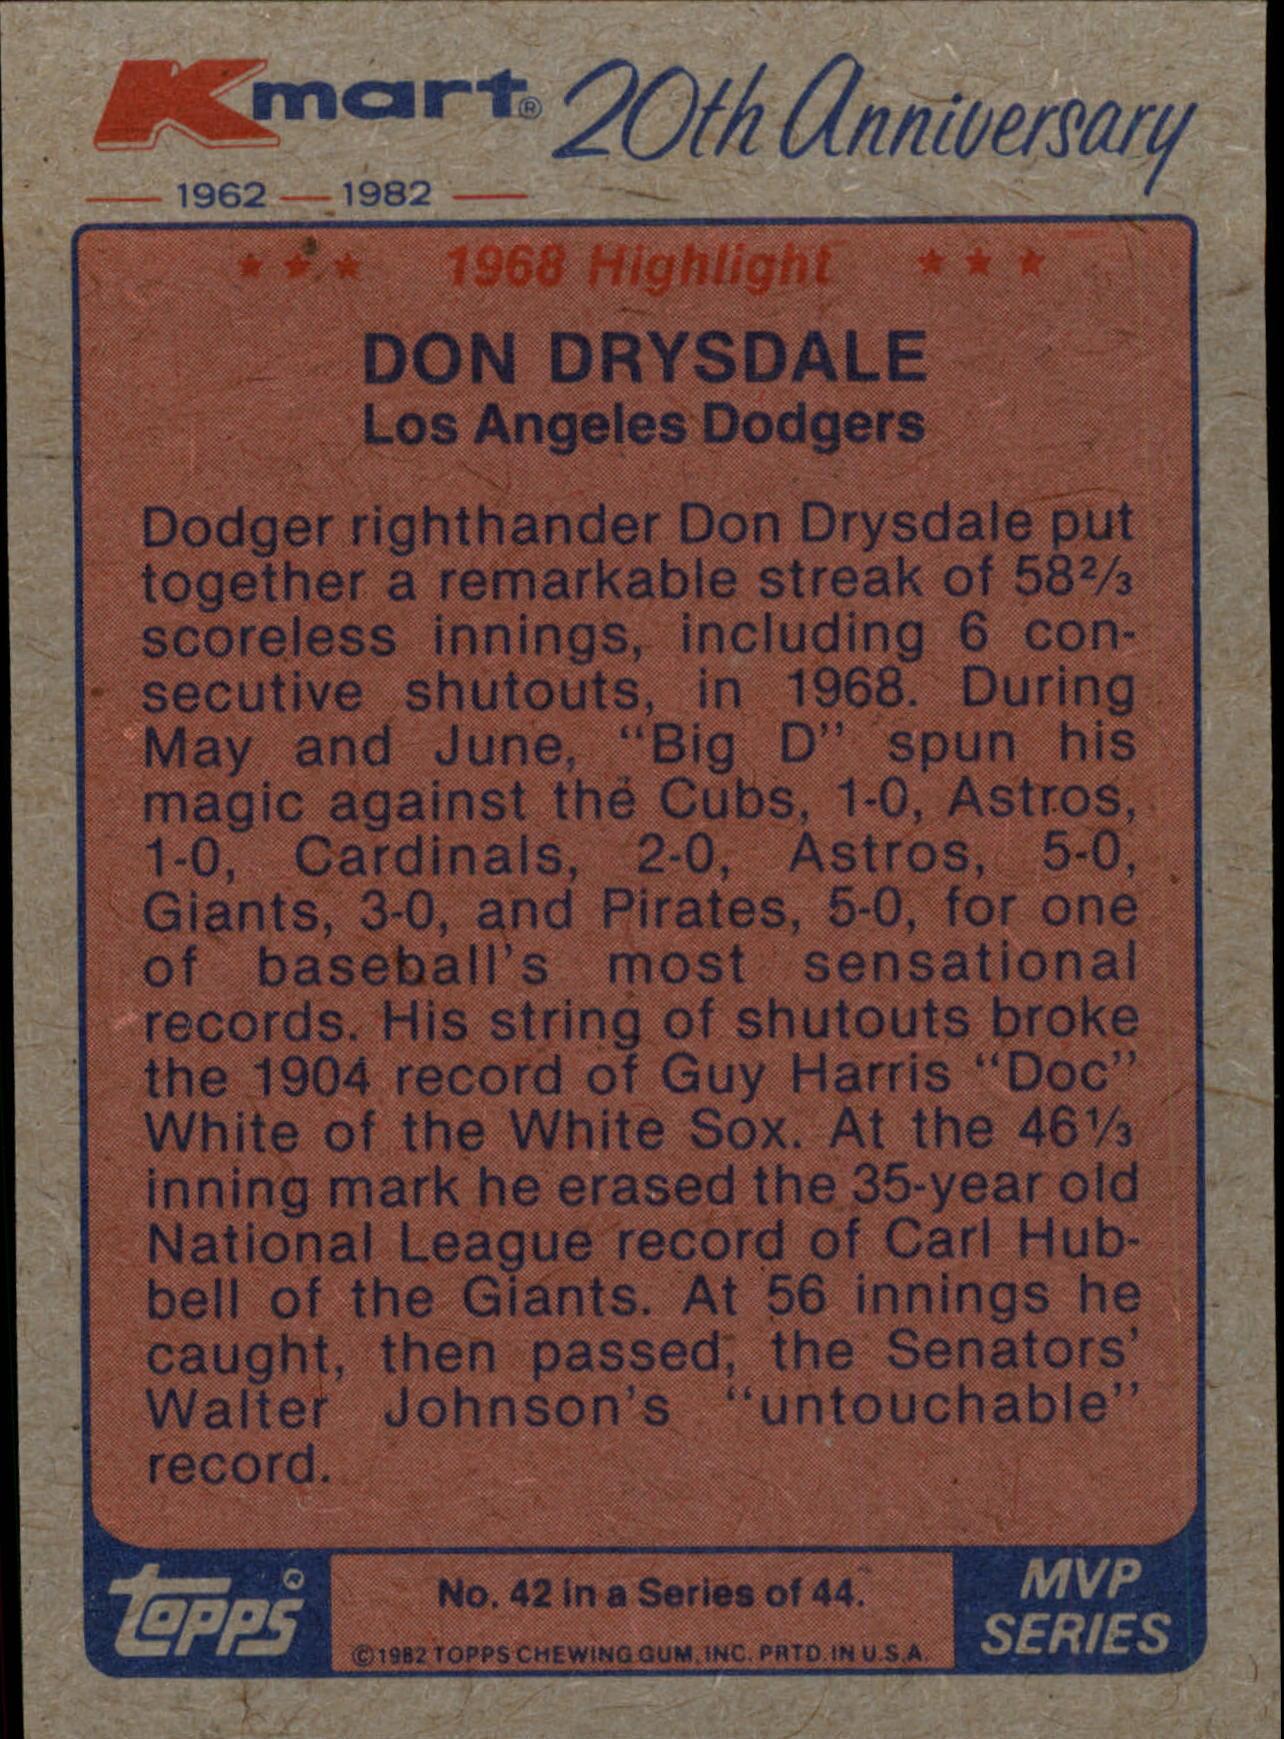 1982 K-Mart #42 Don Drysdale '68 HL/(Scoreless innings) back image